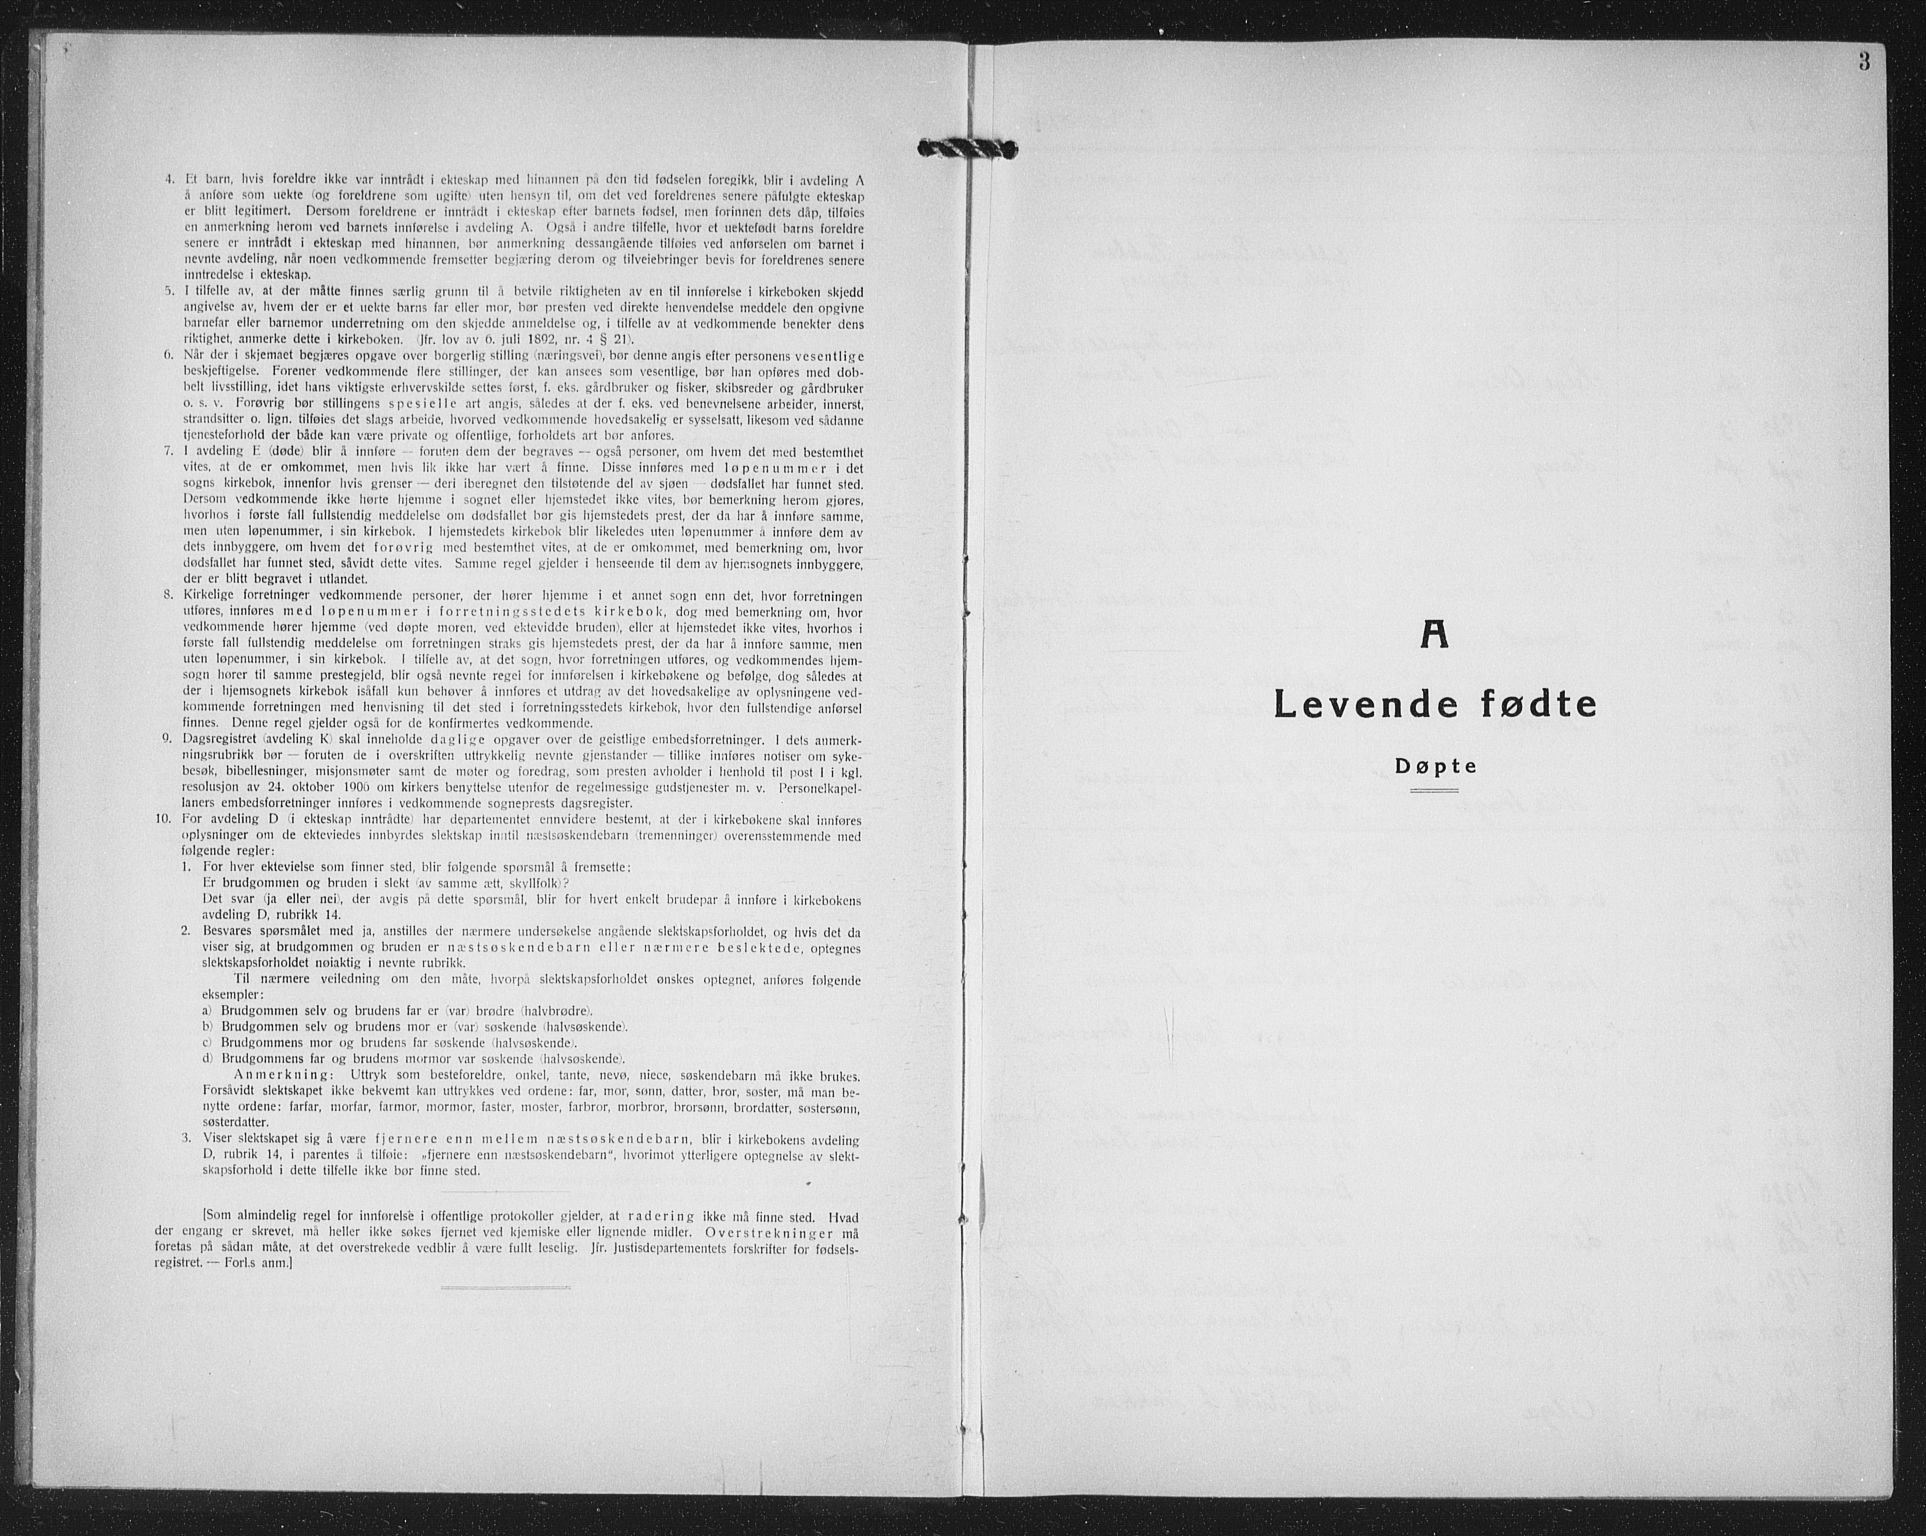 SAT, Ministerialprotokoller, klokkerbøker og fødselsregistre - Møre og Romsdal, 558/L0704: Klokkerbok nr. 558C05, 1921-1942, s. 3